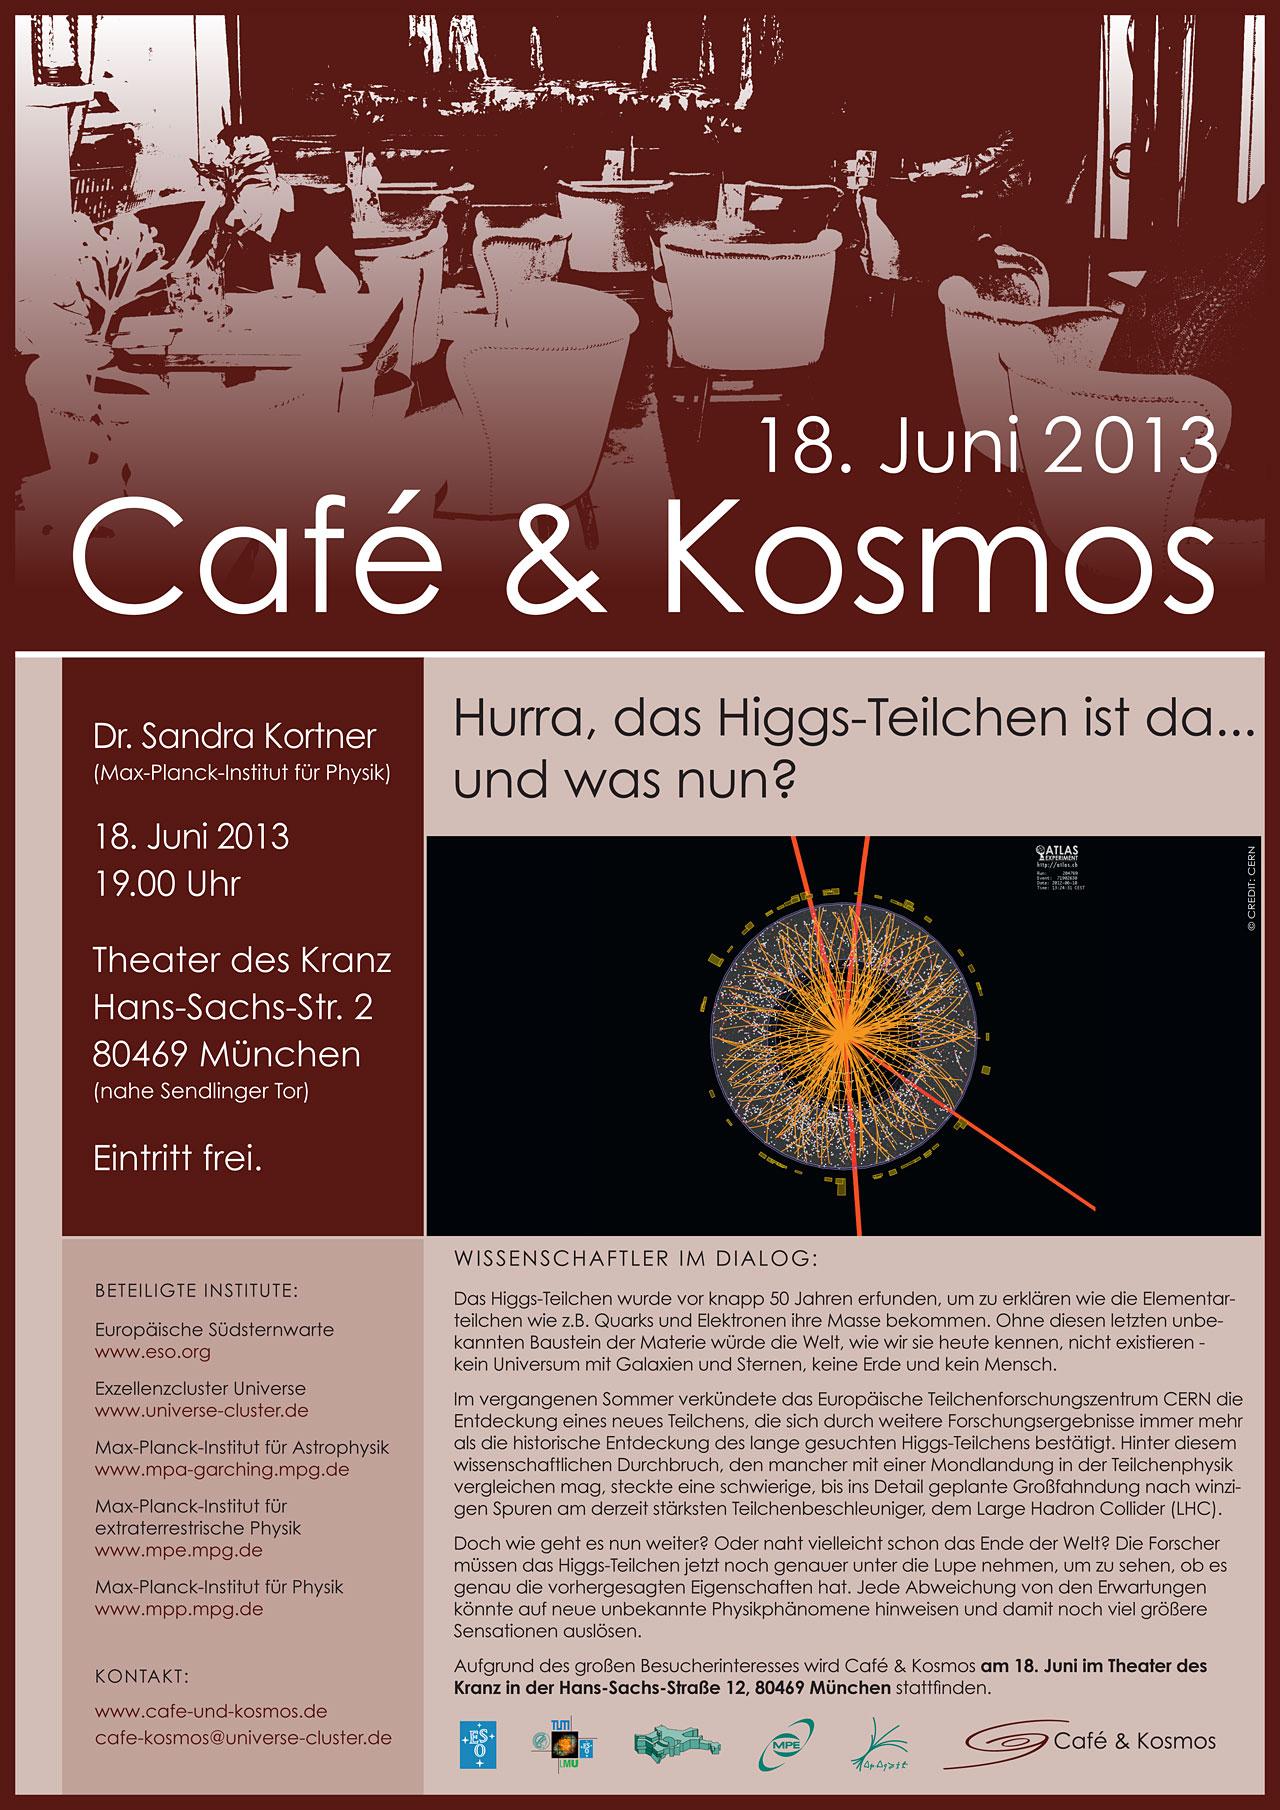 Poster zu Café & Kosmos am 18. Juni 2013